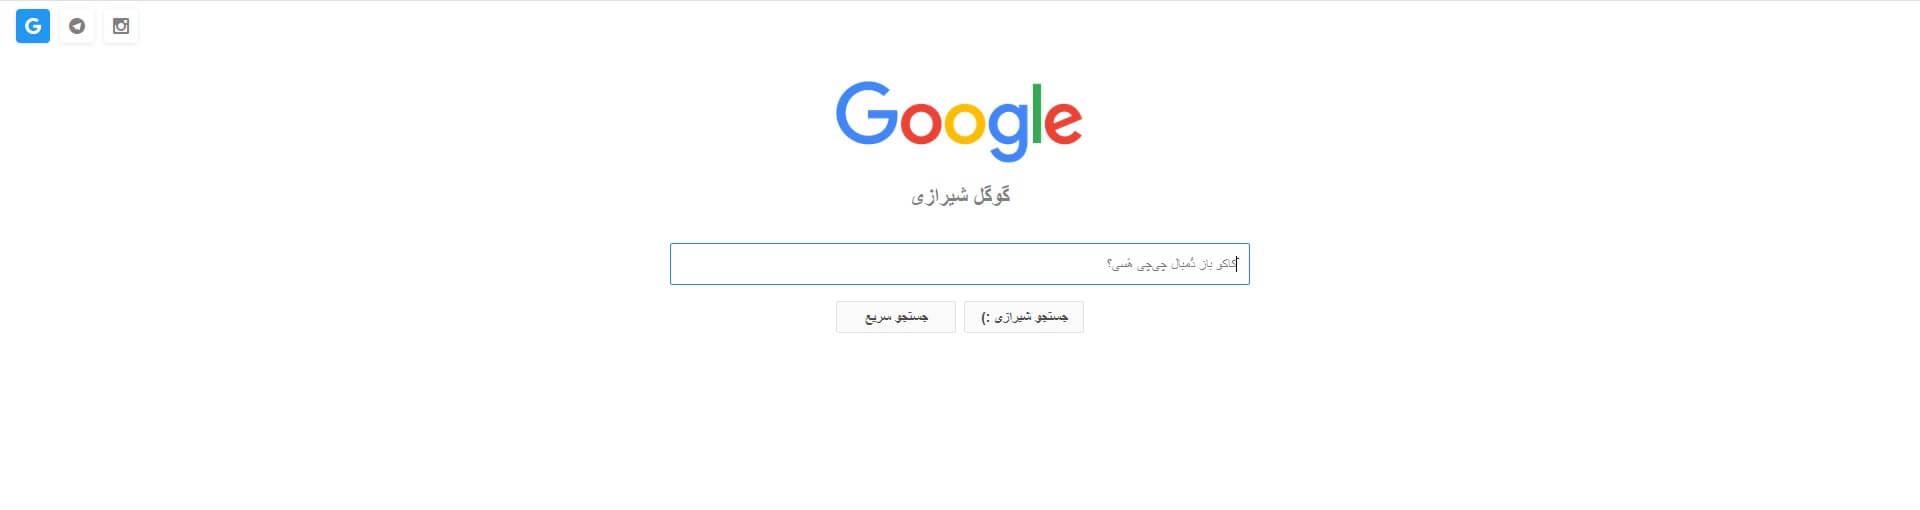 گوگل شیرازی